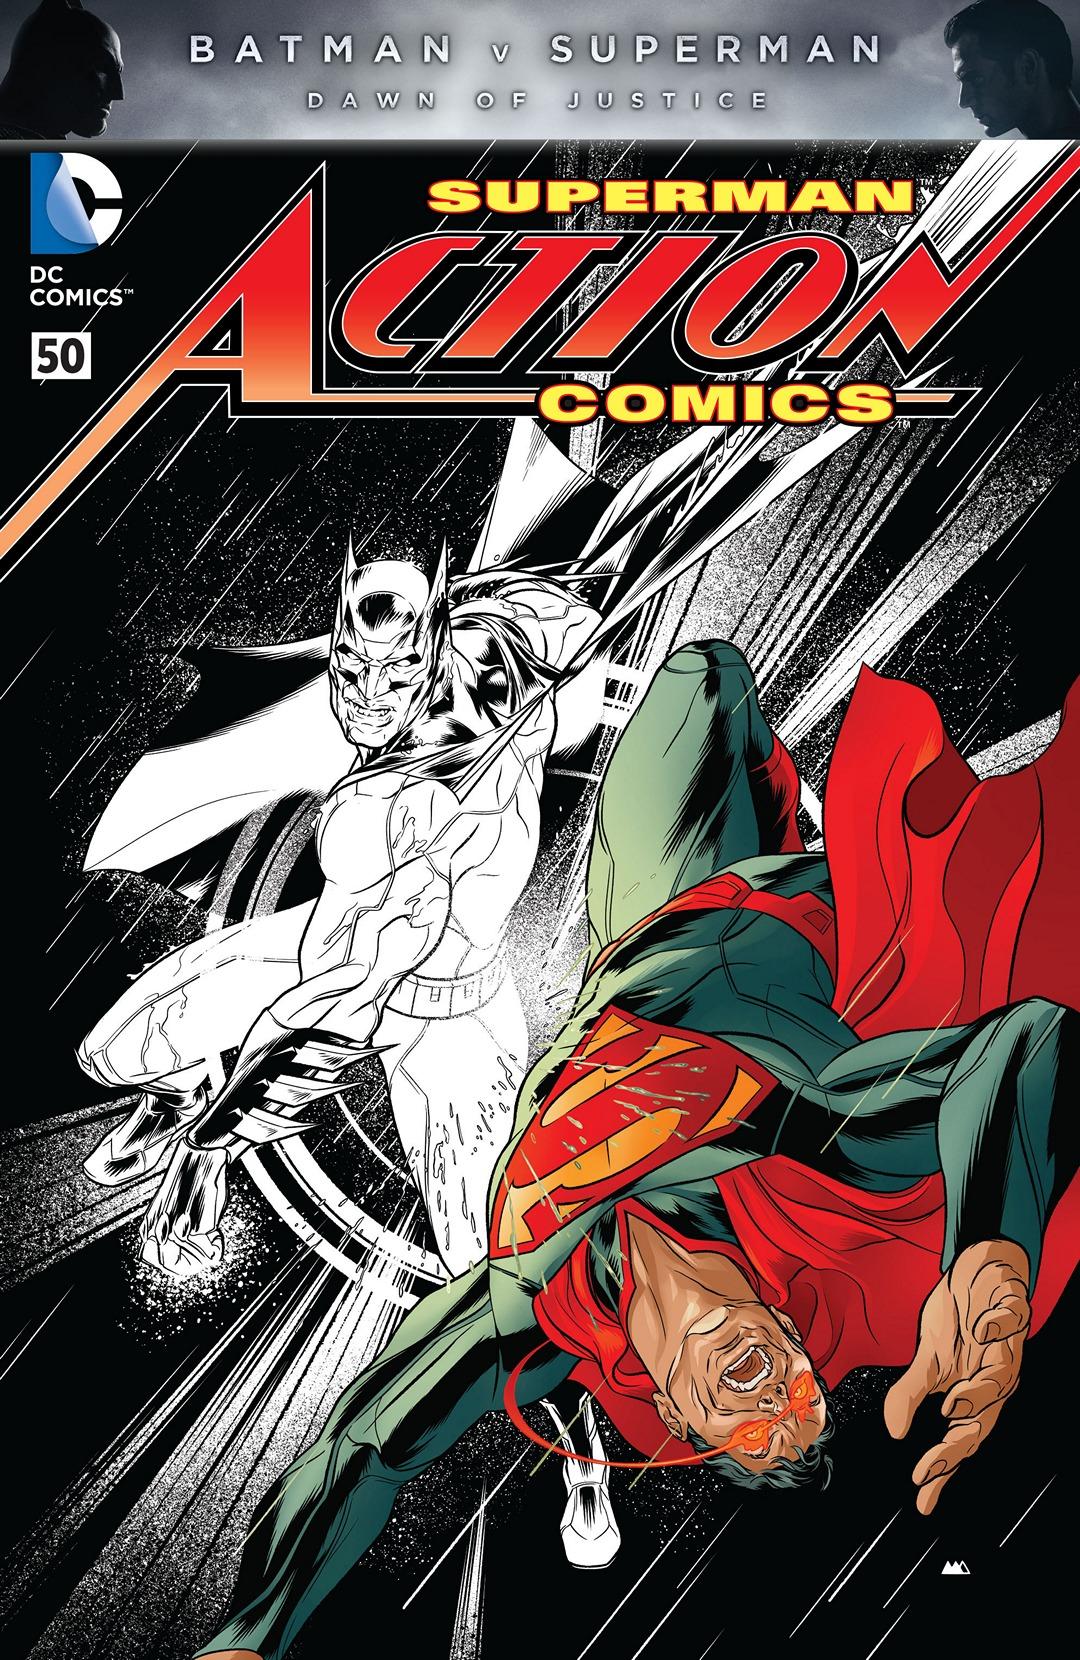 Action Comics Vol 2 50 Spotlight Variant.jpg